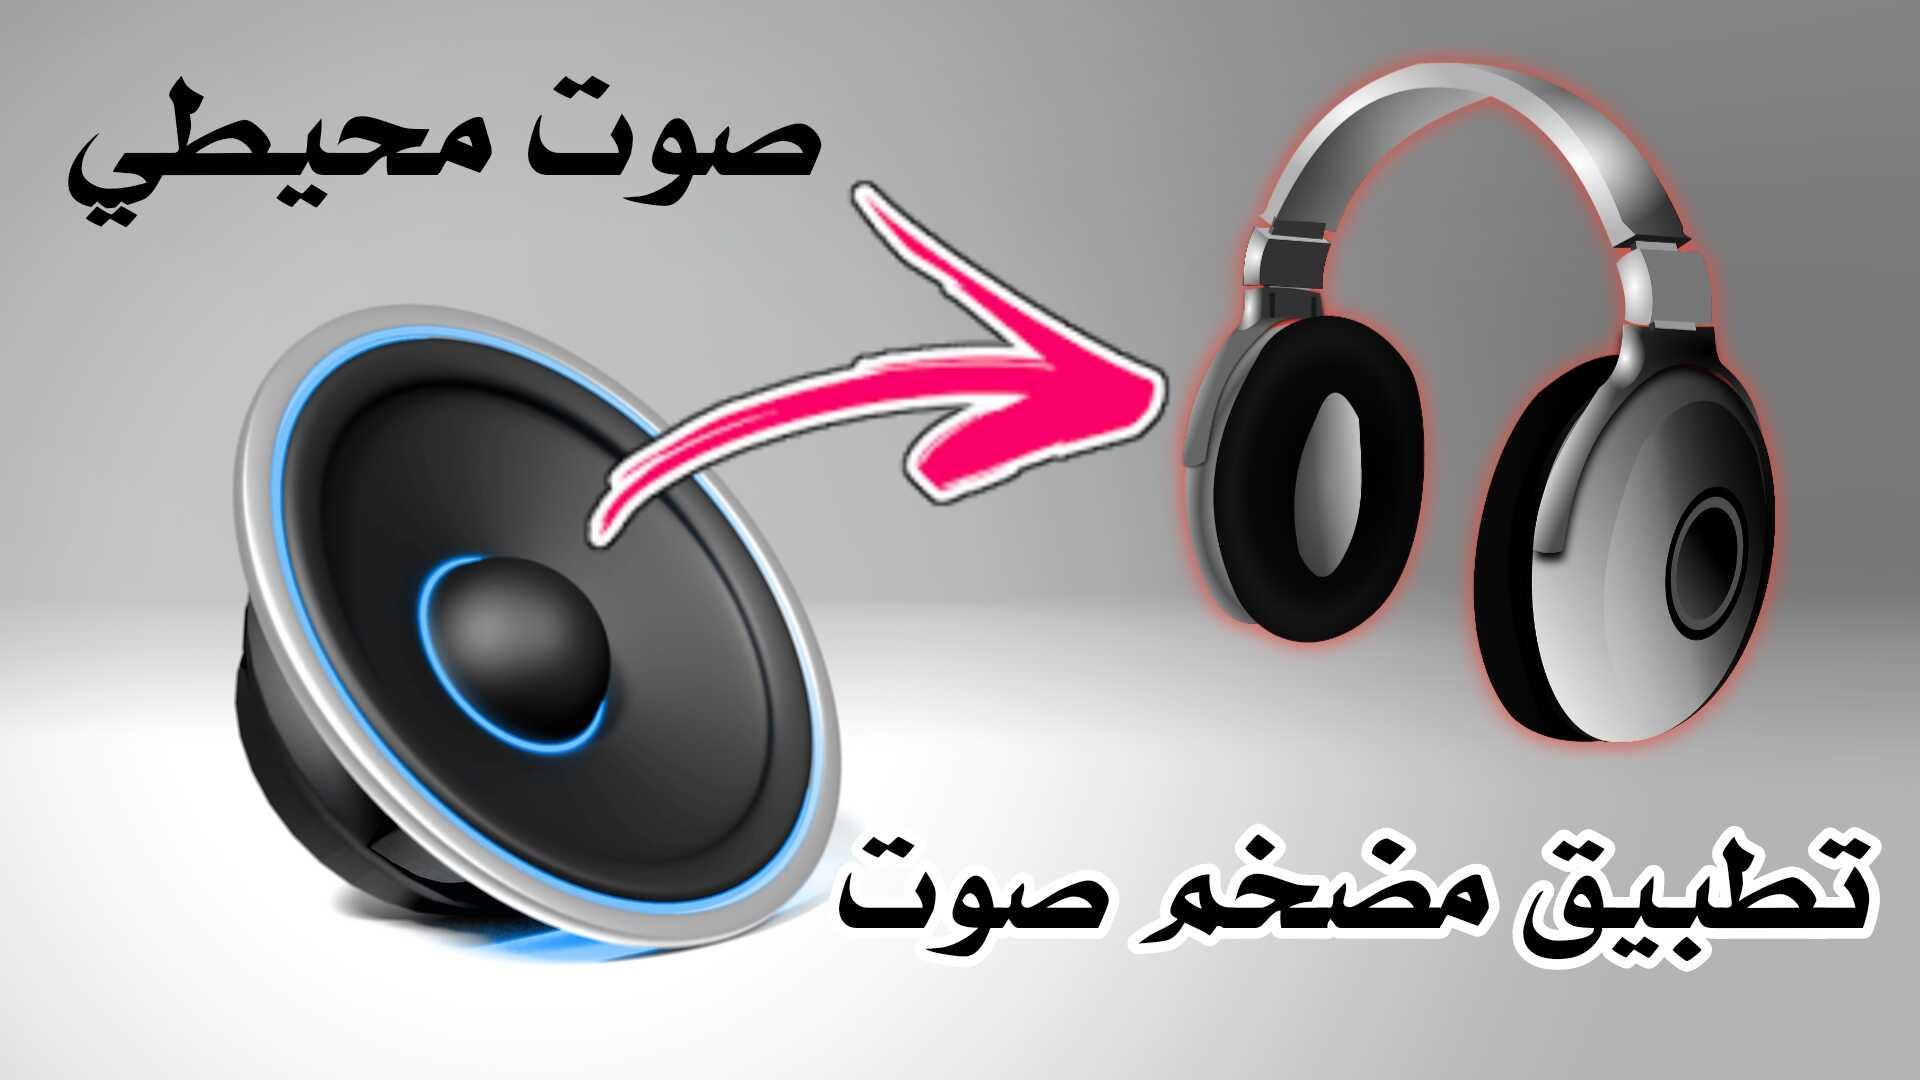 """تطبيق مضخم صوت للاندرويد صوت محيطي """"السماعة الخارجية - سماعة الاذن - سماعة المكالمات"""""""